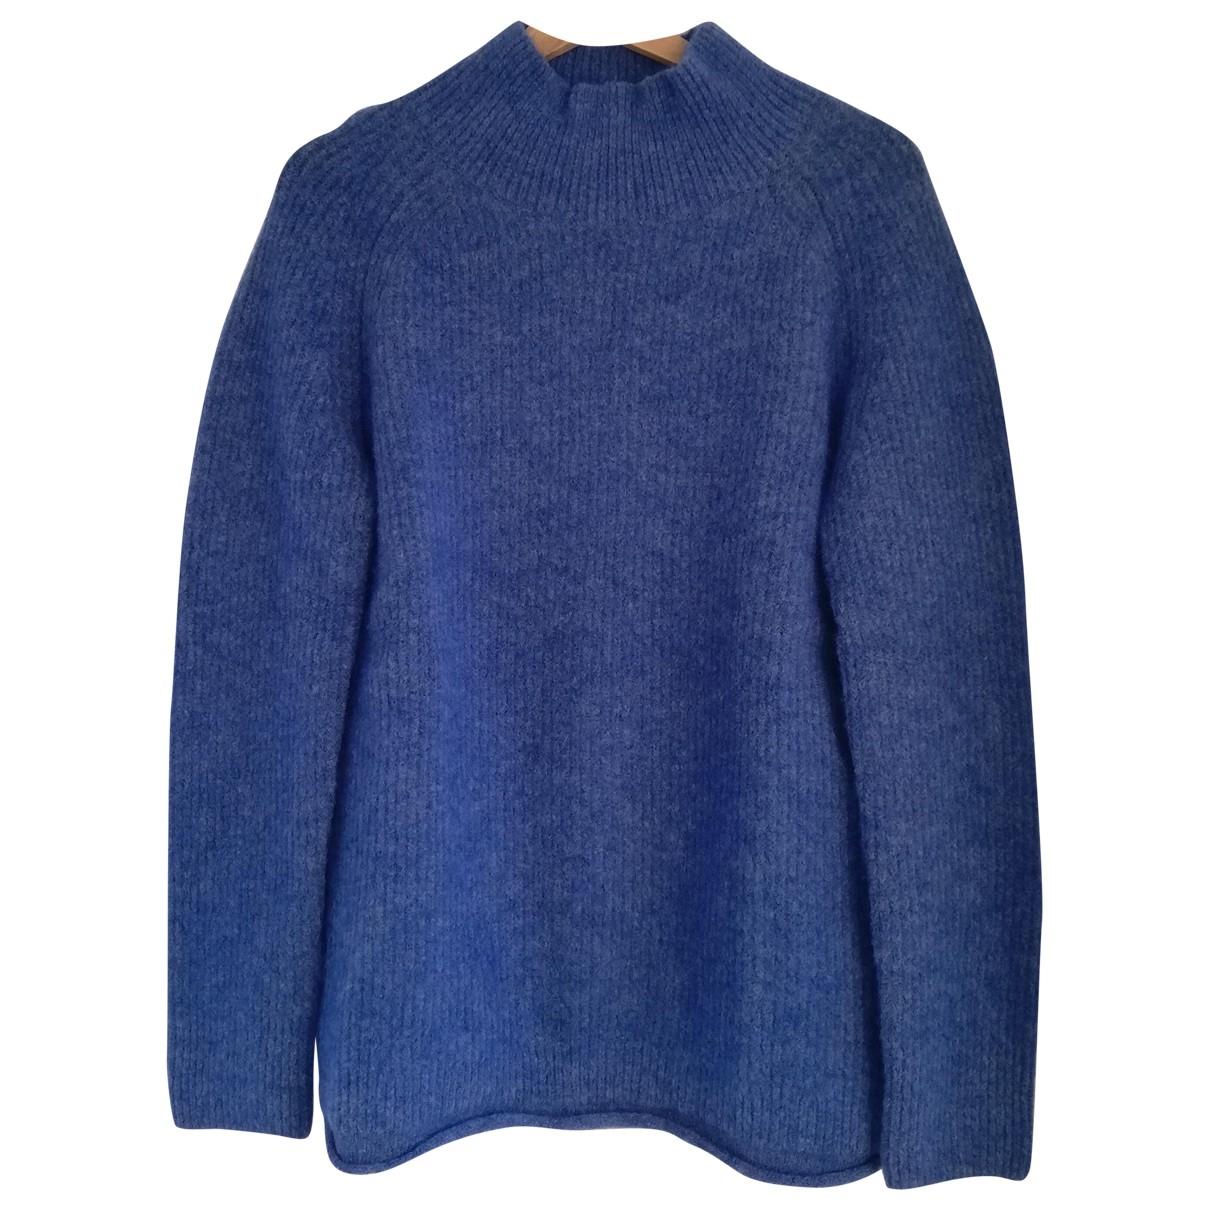 Cos \N Blue Wool Knitwear for Women XS International